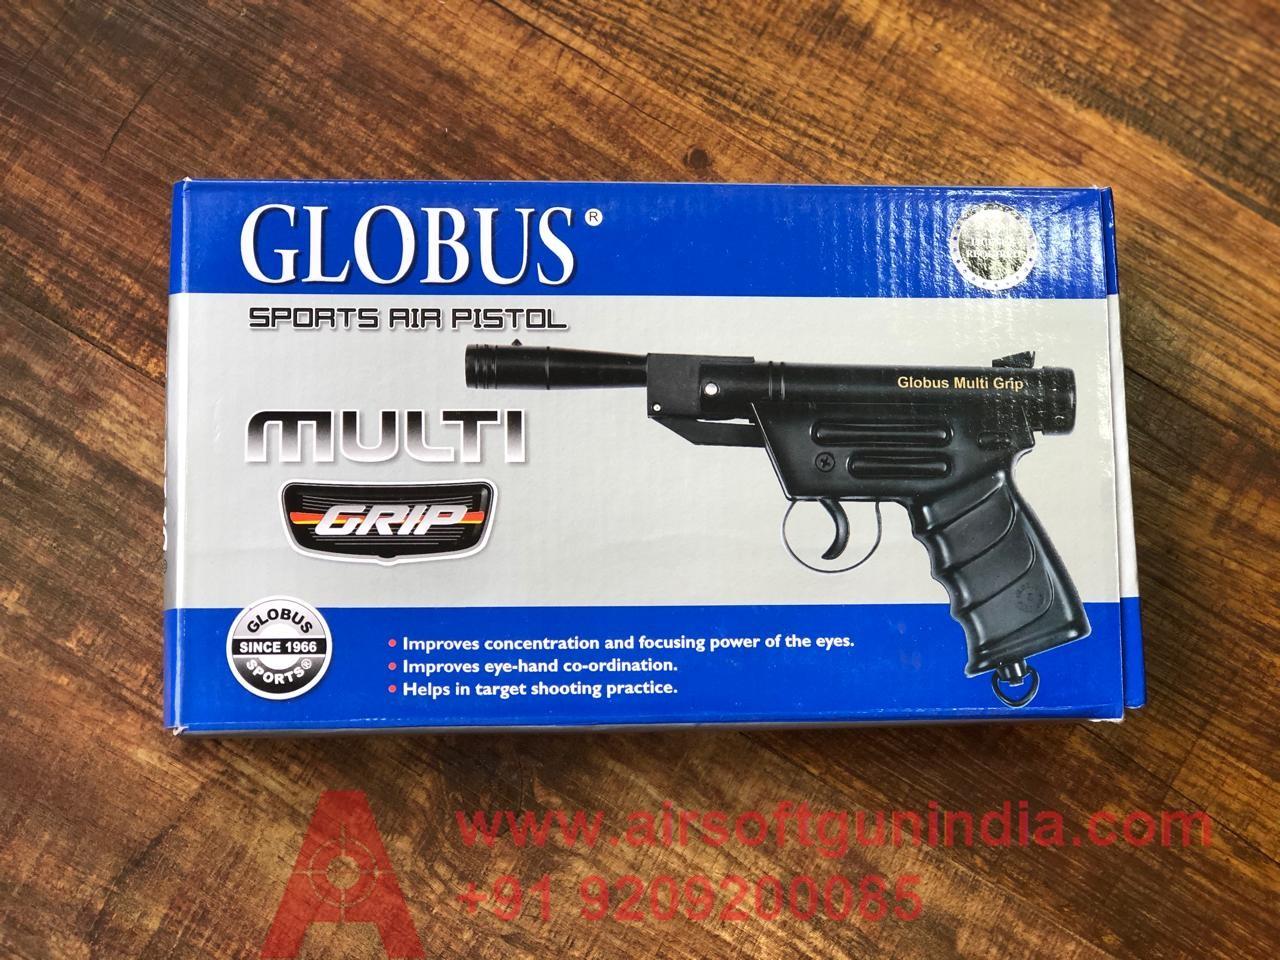 Globus Multi Grip Sports Cheap Air Pistol By Airsoft Gun India